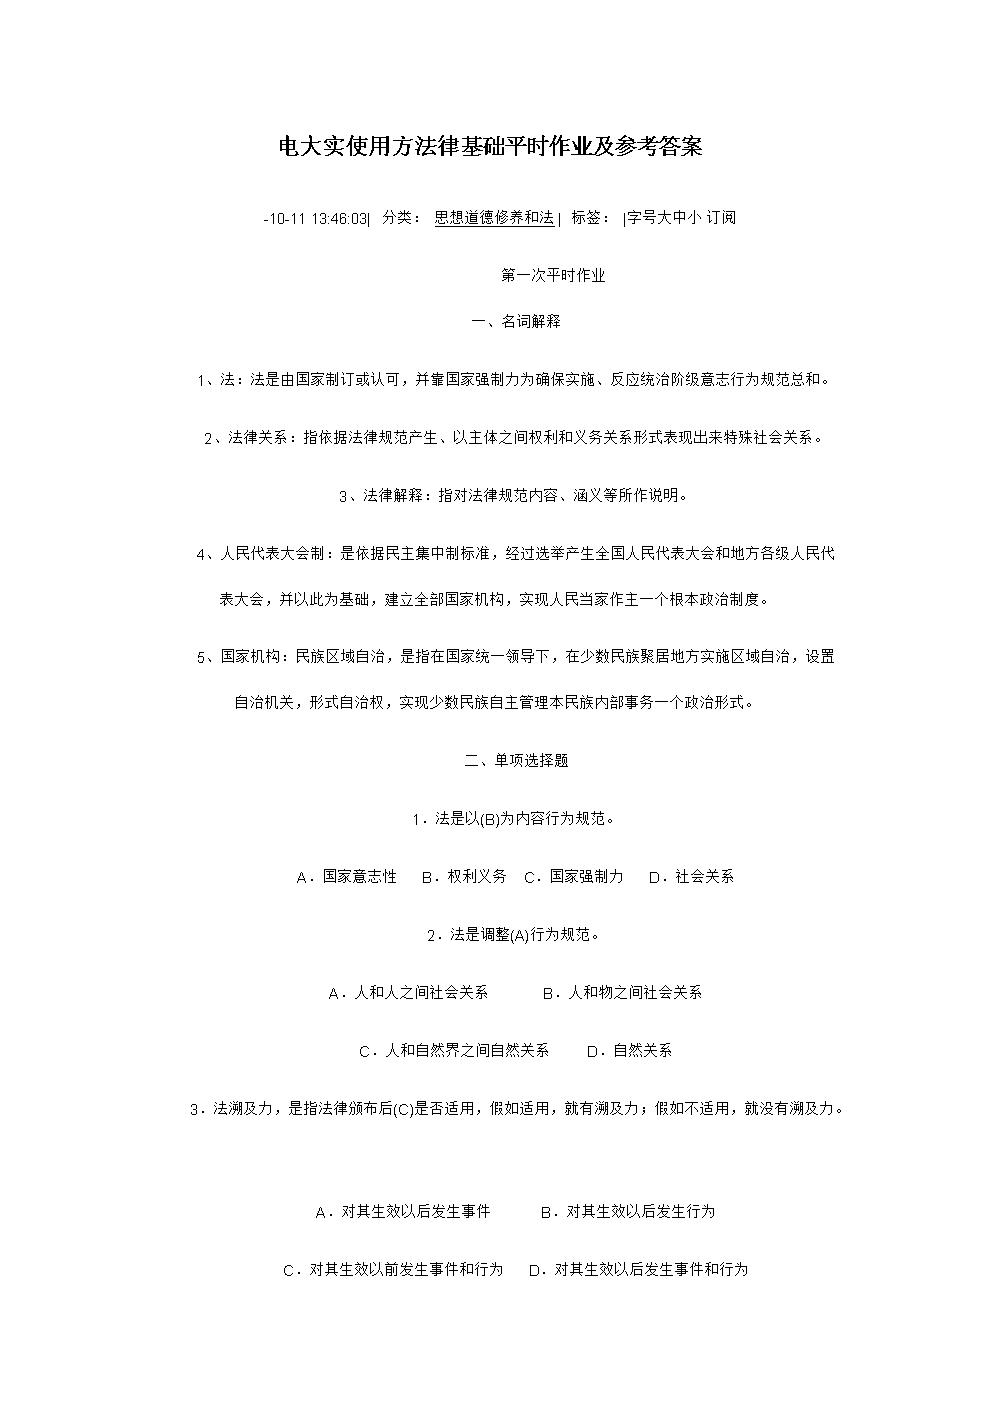 2021年电大实用法律基础平时作业及参考答案.doc